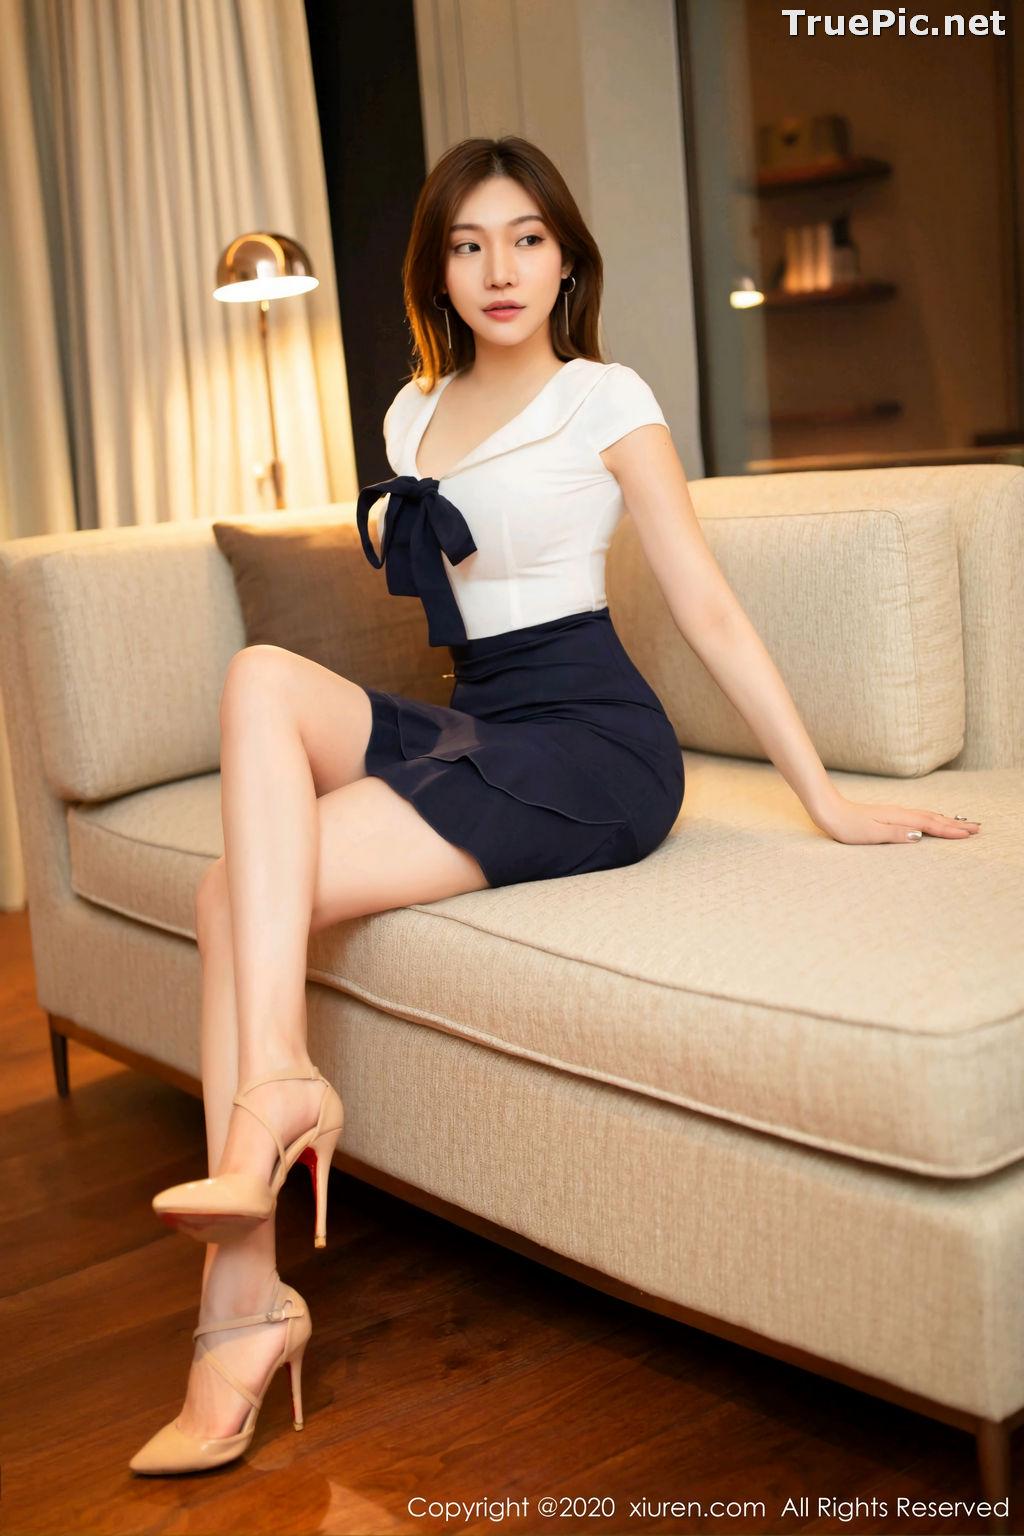 Image XIUREN No.2306 - Chinese Model - Xiao Hu Li (小狐狸Kathryn) - TruePic.net - Picture-1